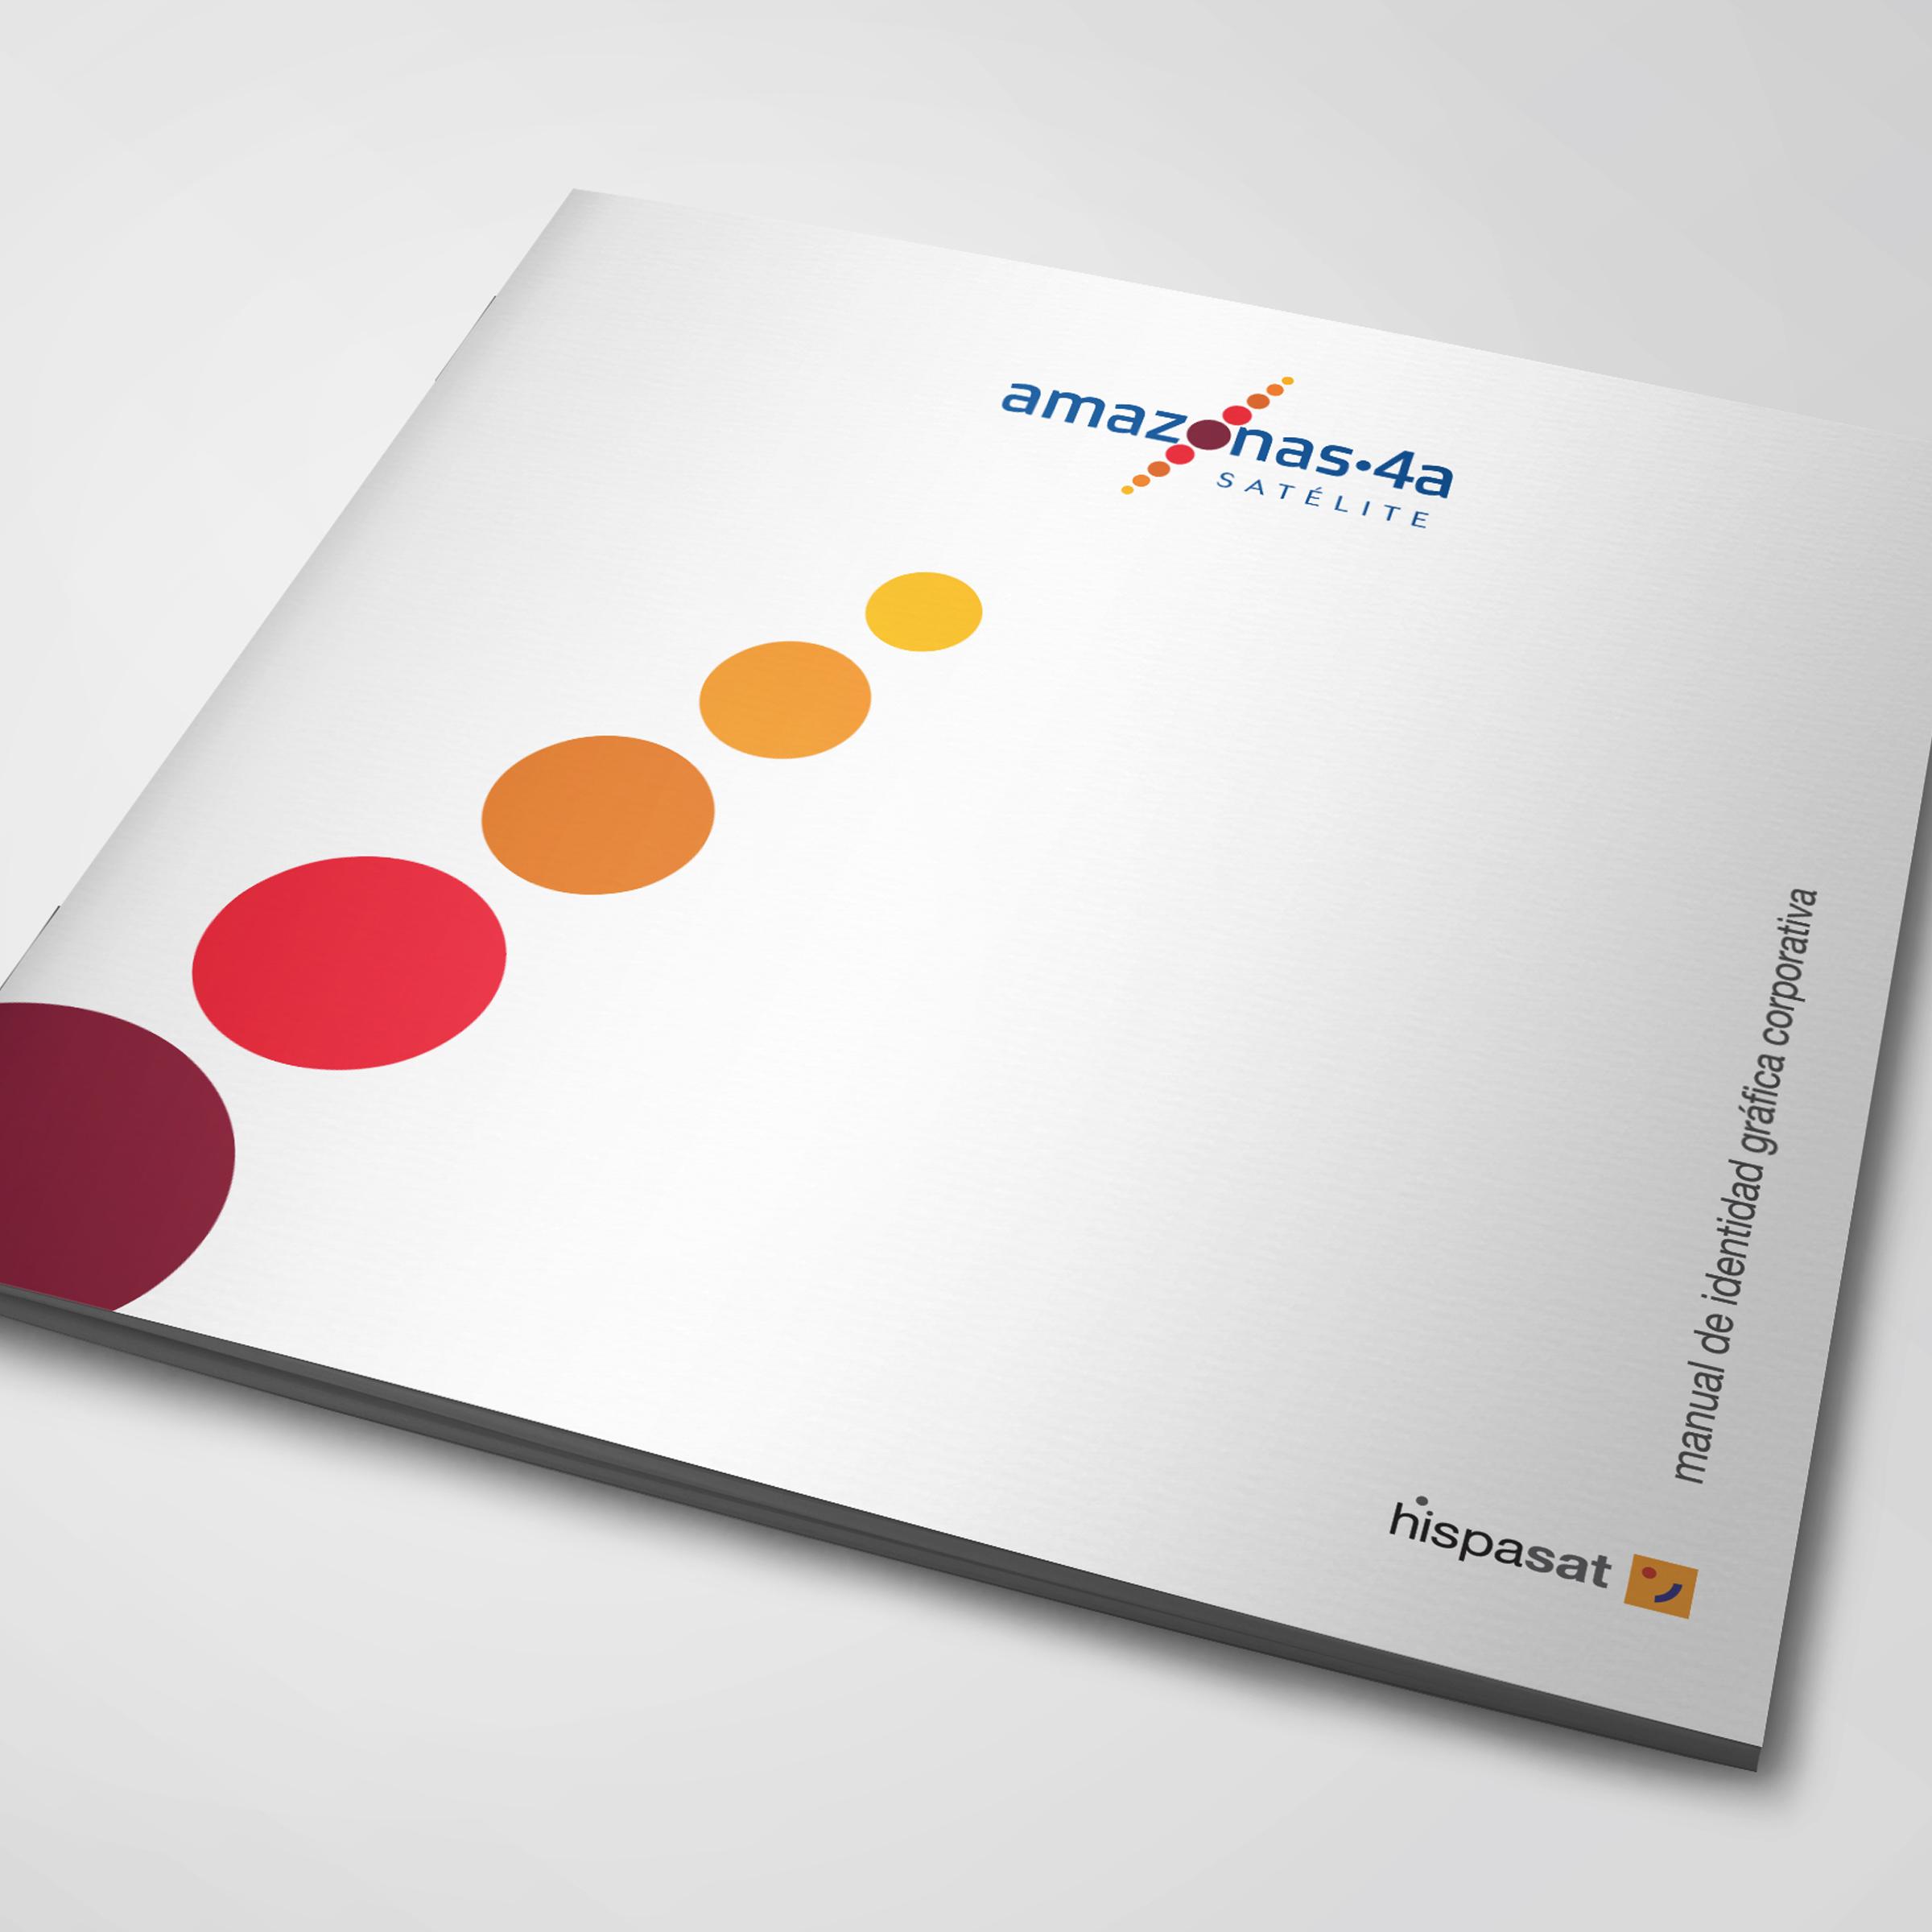 destacada_branding_textura_design_amazonas_4a_hispasat